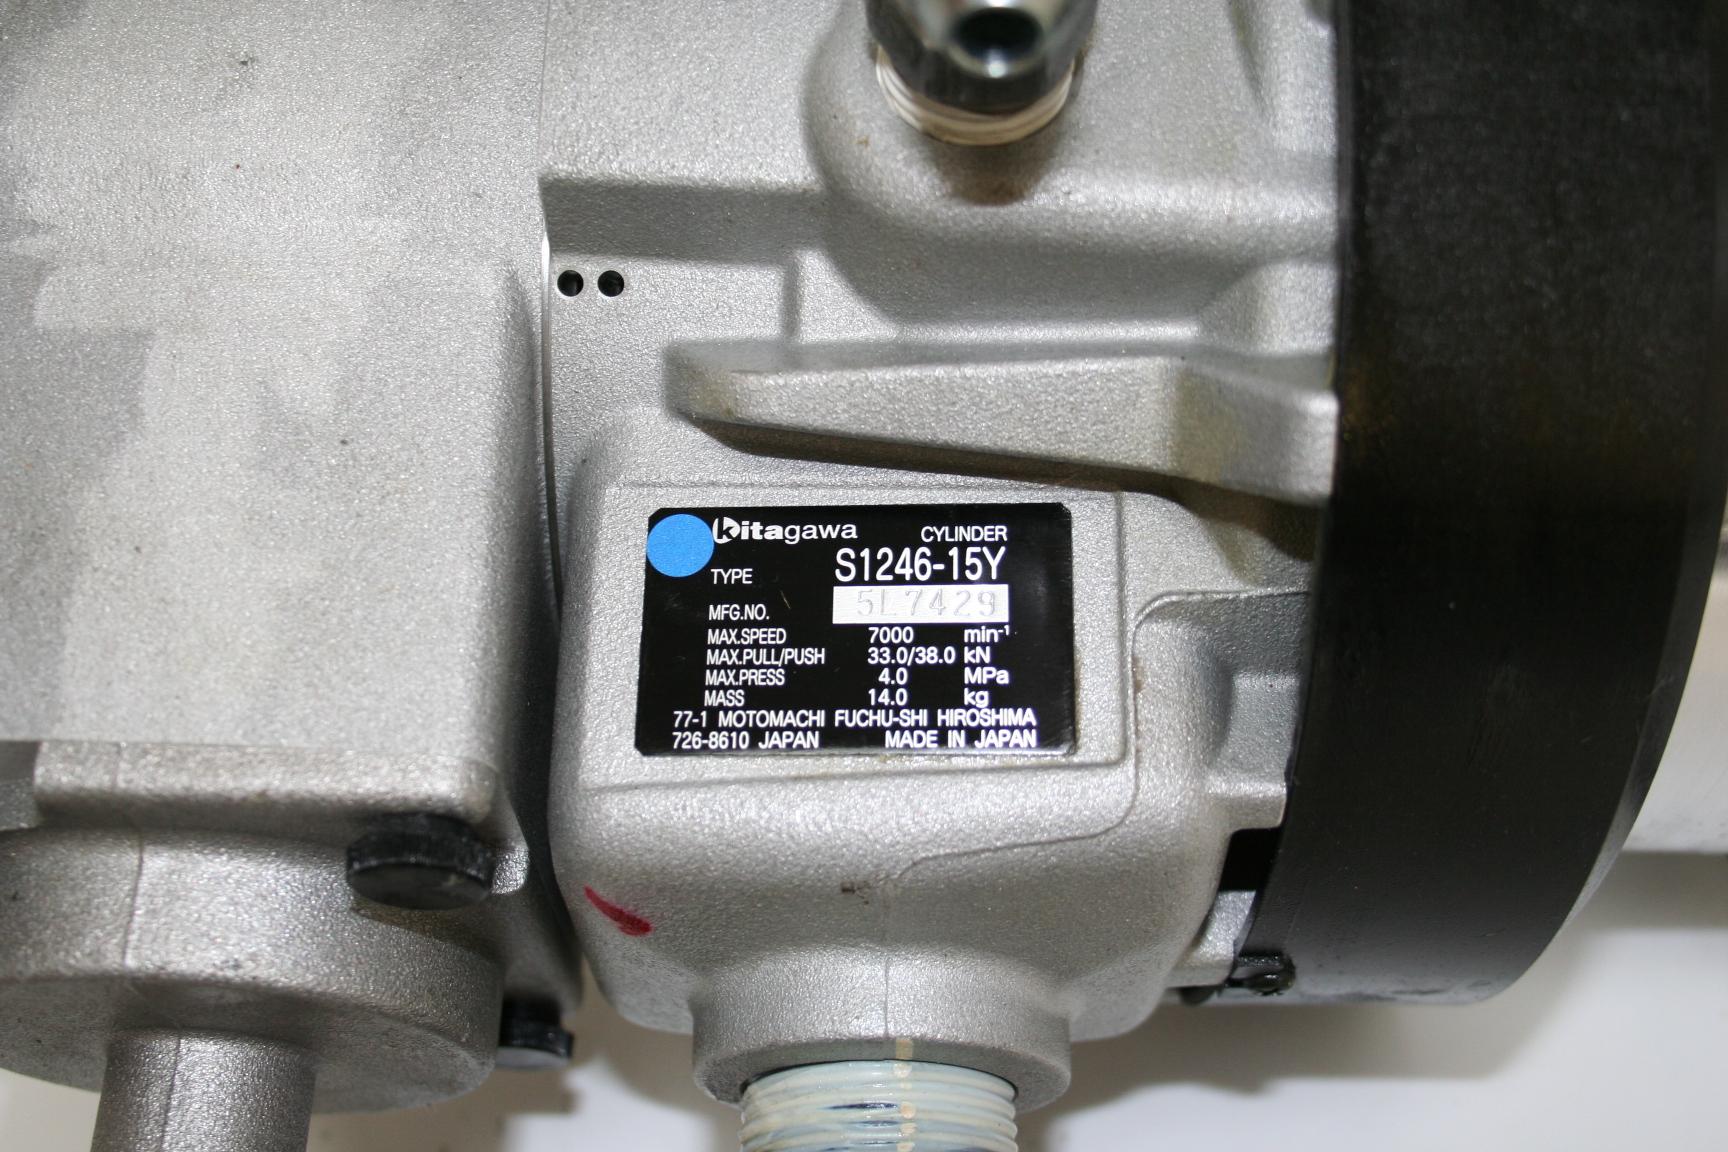 S1246-15Y e